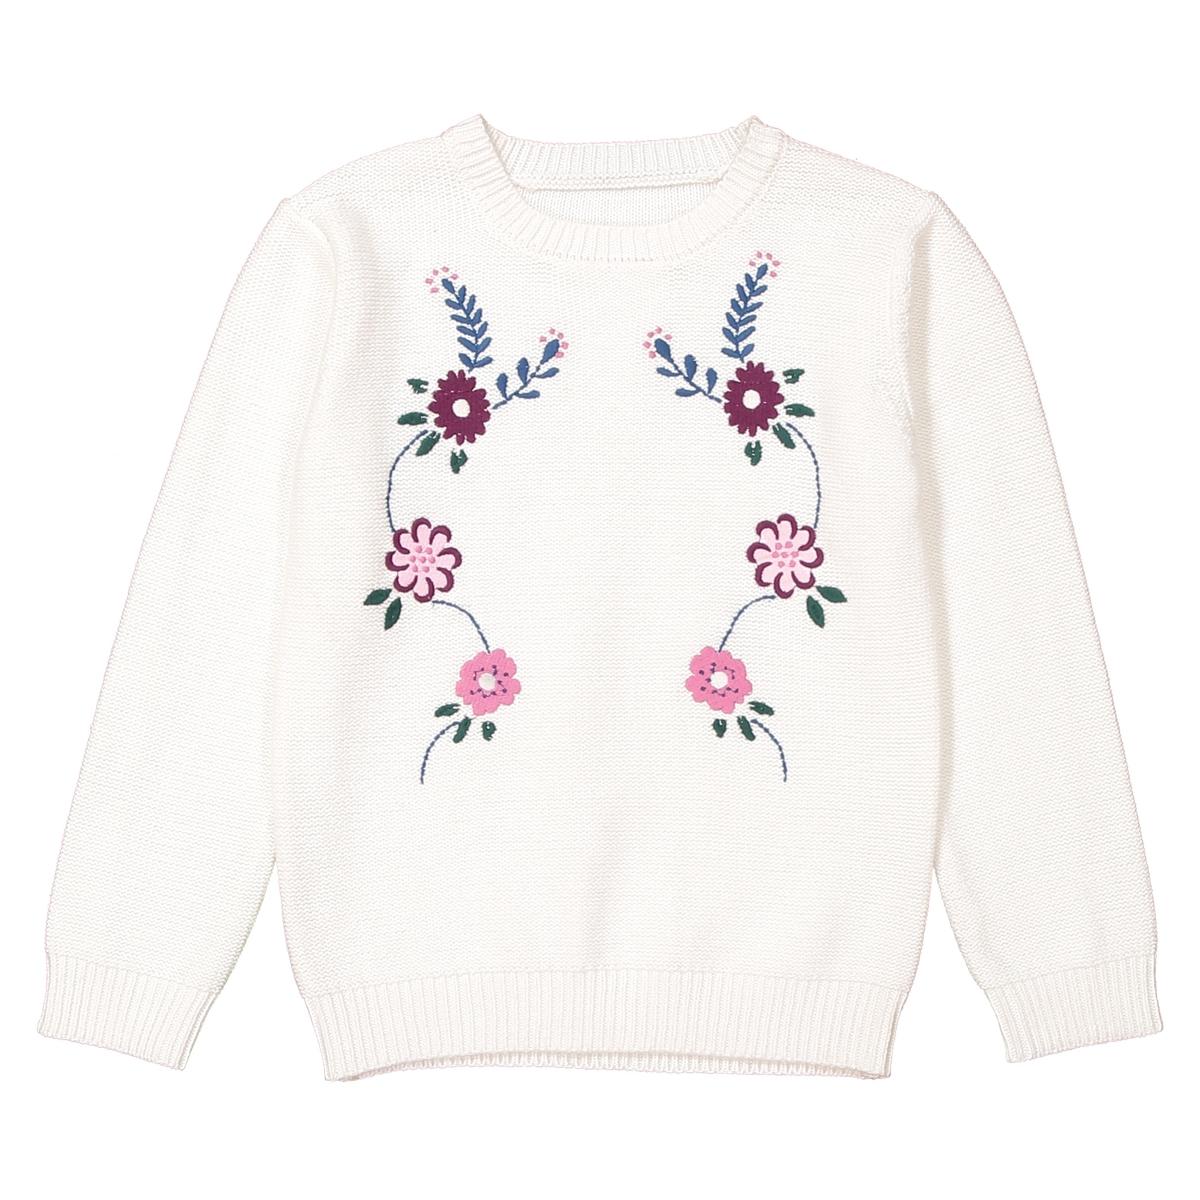 Пуловер из тонкого трикотажа с вышивкой, 3-12 лет пуловер с вышивкой petite cherry 3 12 лет